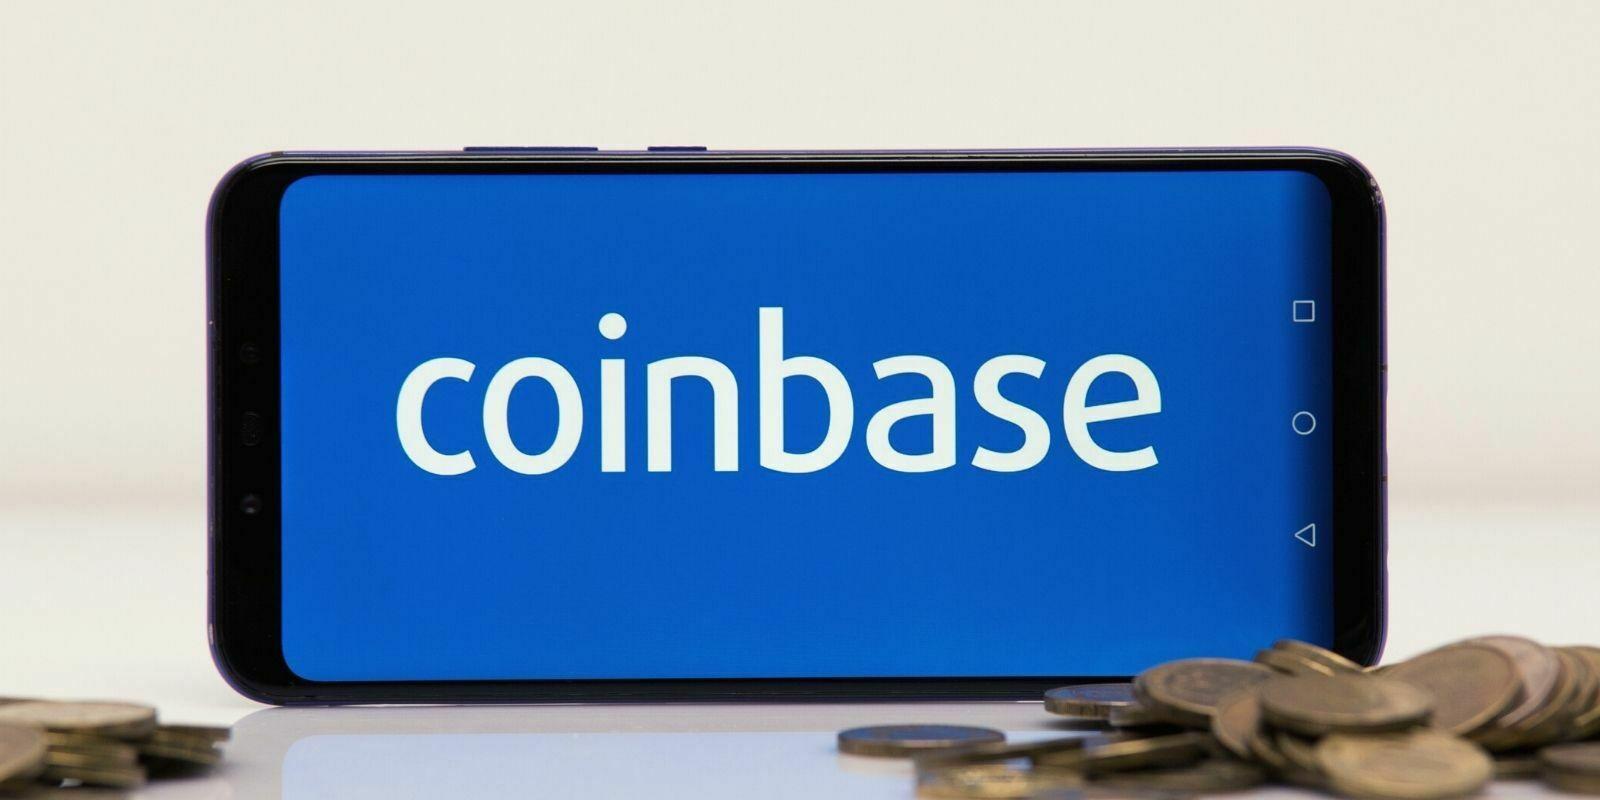 Coinbase enfin fonctionnel ? L'exchange acquiert une startup spécialisée dans le traitement des transactions